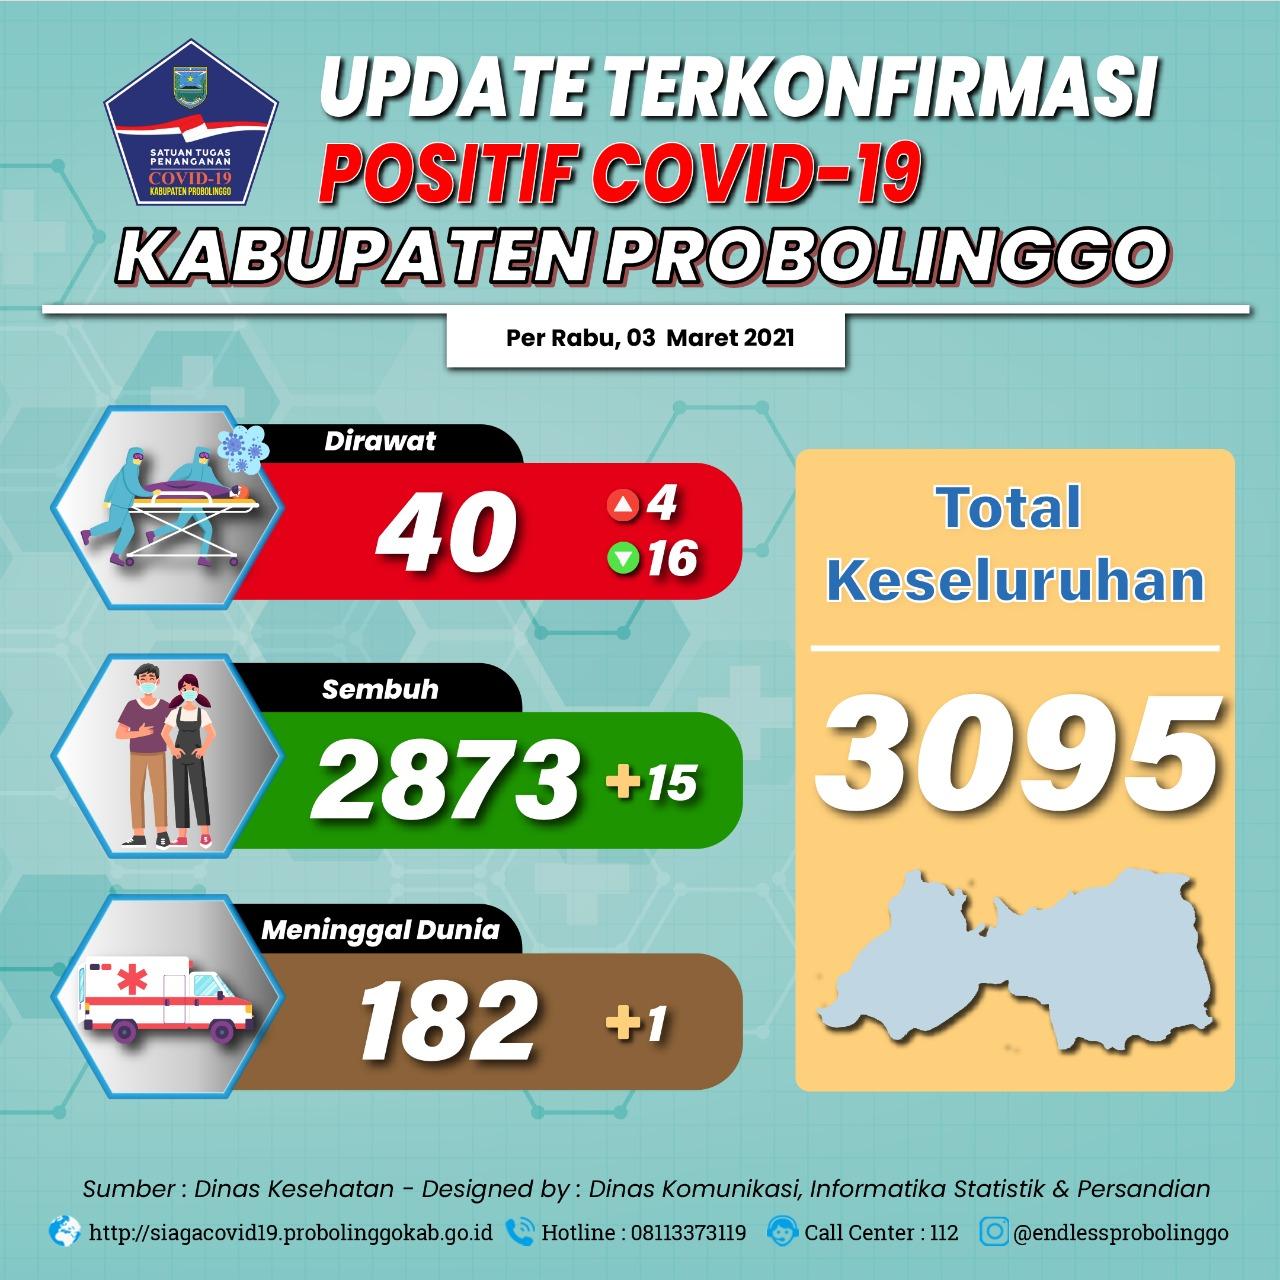 Kesembuhan Bertambah 15 Kasus, 11 Kecamatan Masuk Zona Hijau